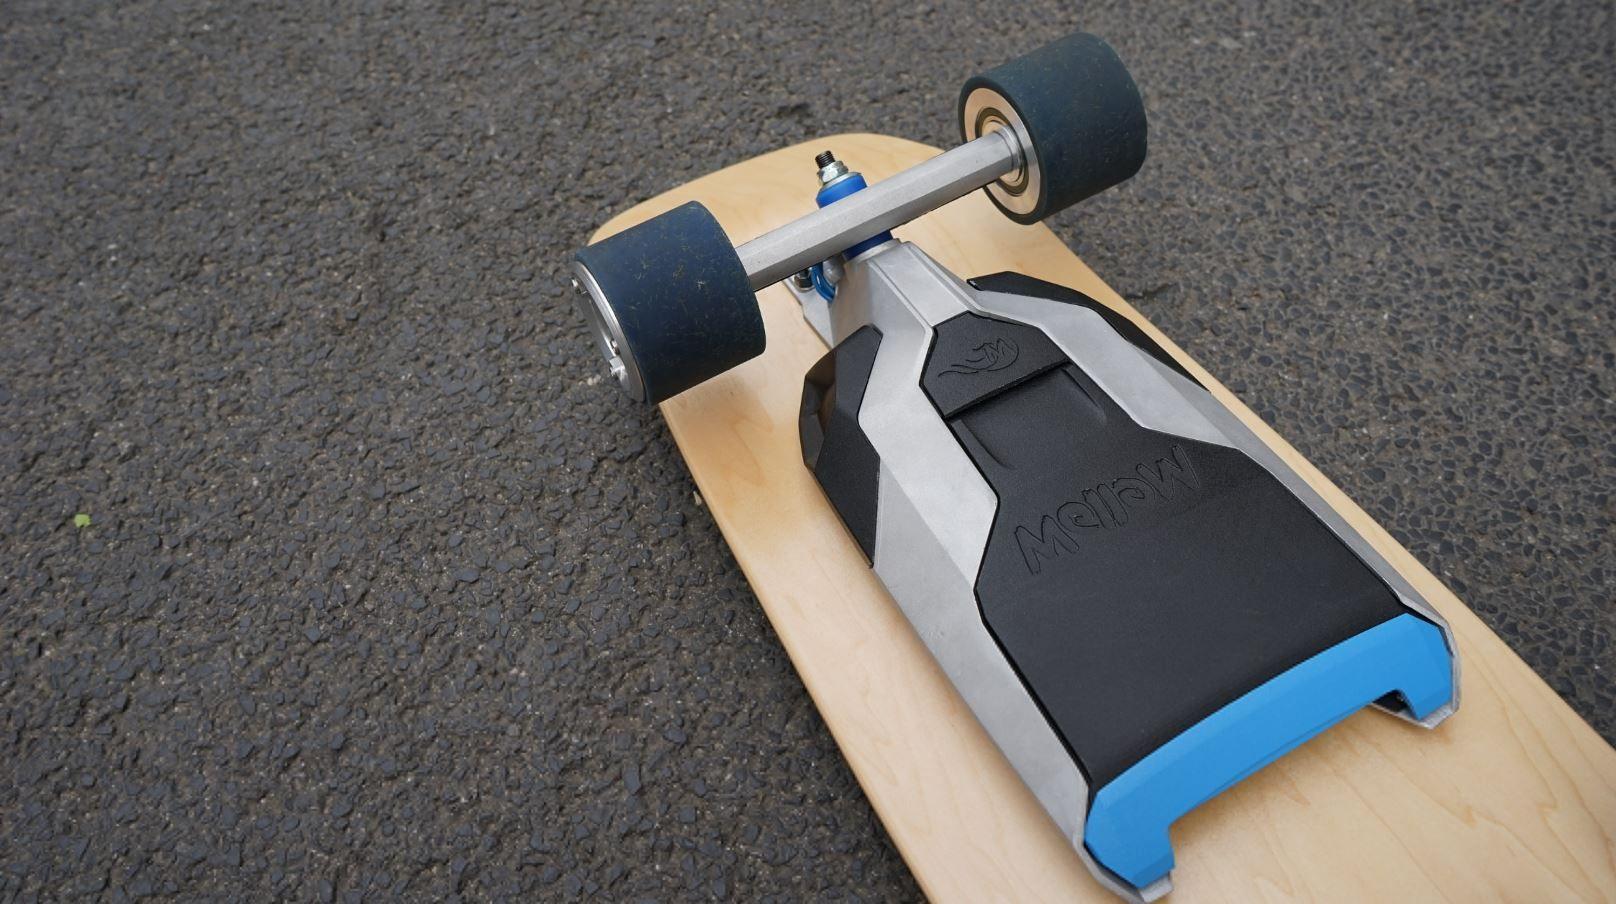 pingl par neozone invention innovation sur innovation skateboard skate et electrique. Black Bedroom Furniture Sets. Home Design Ideas